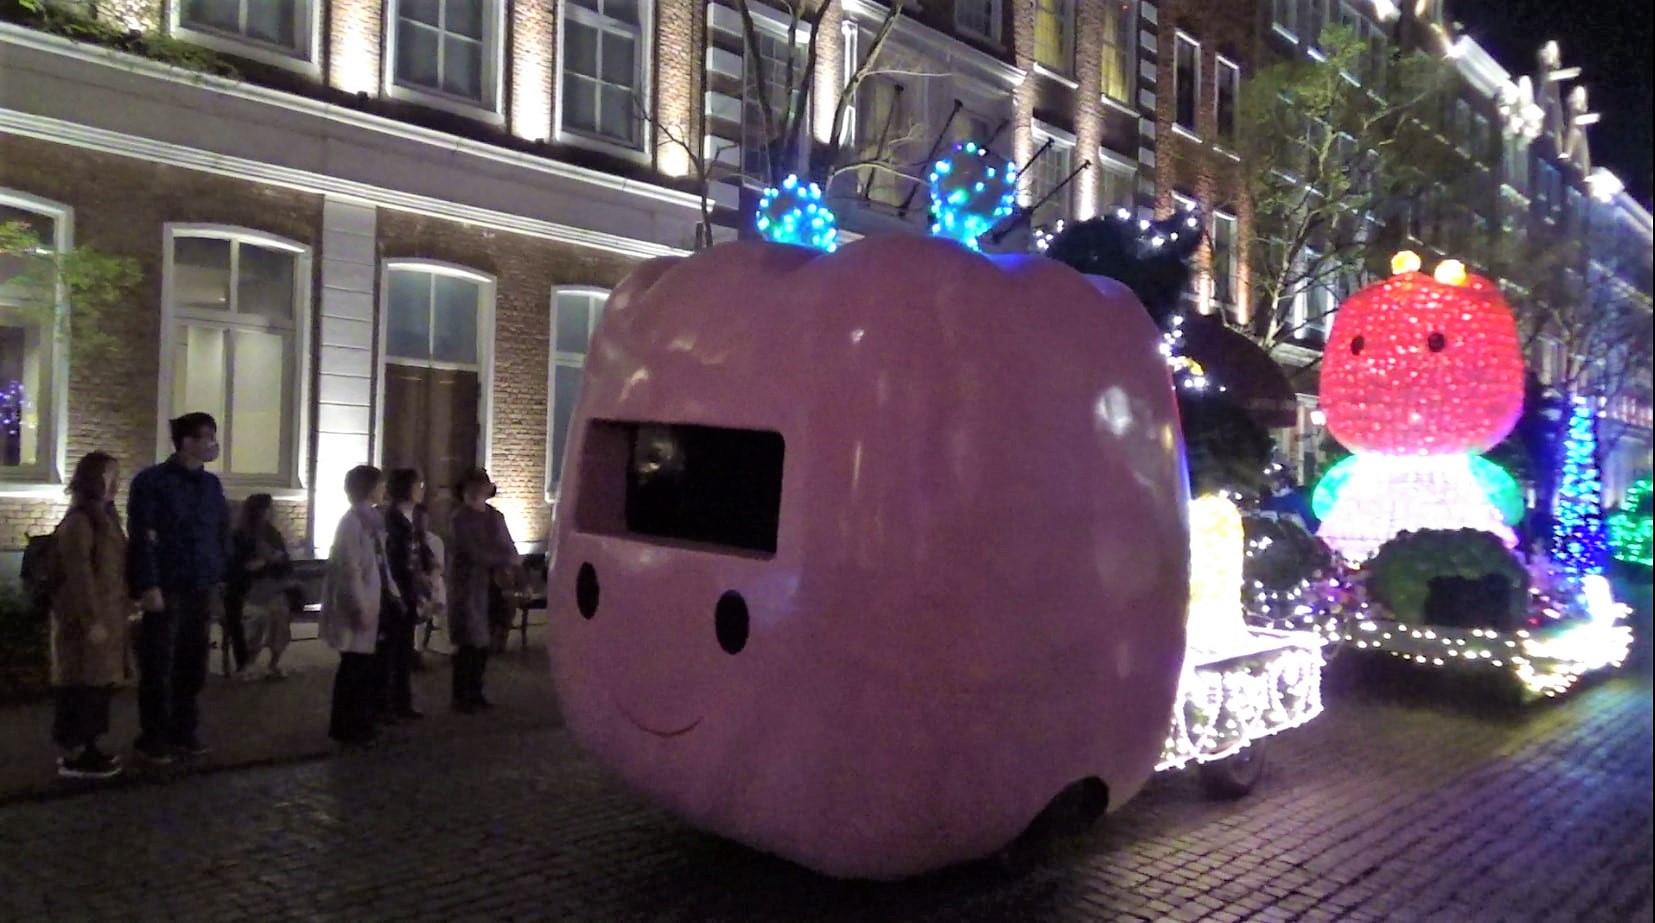 ハウステンボス 光の王国 回り方 パレード ちゅーりーちゃん ホテルアムステルダム